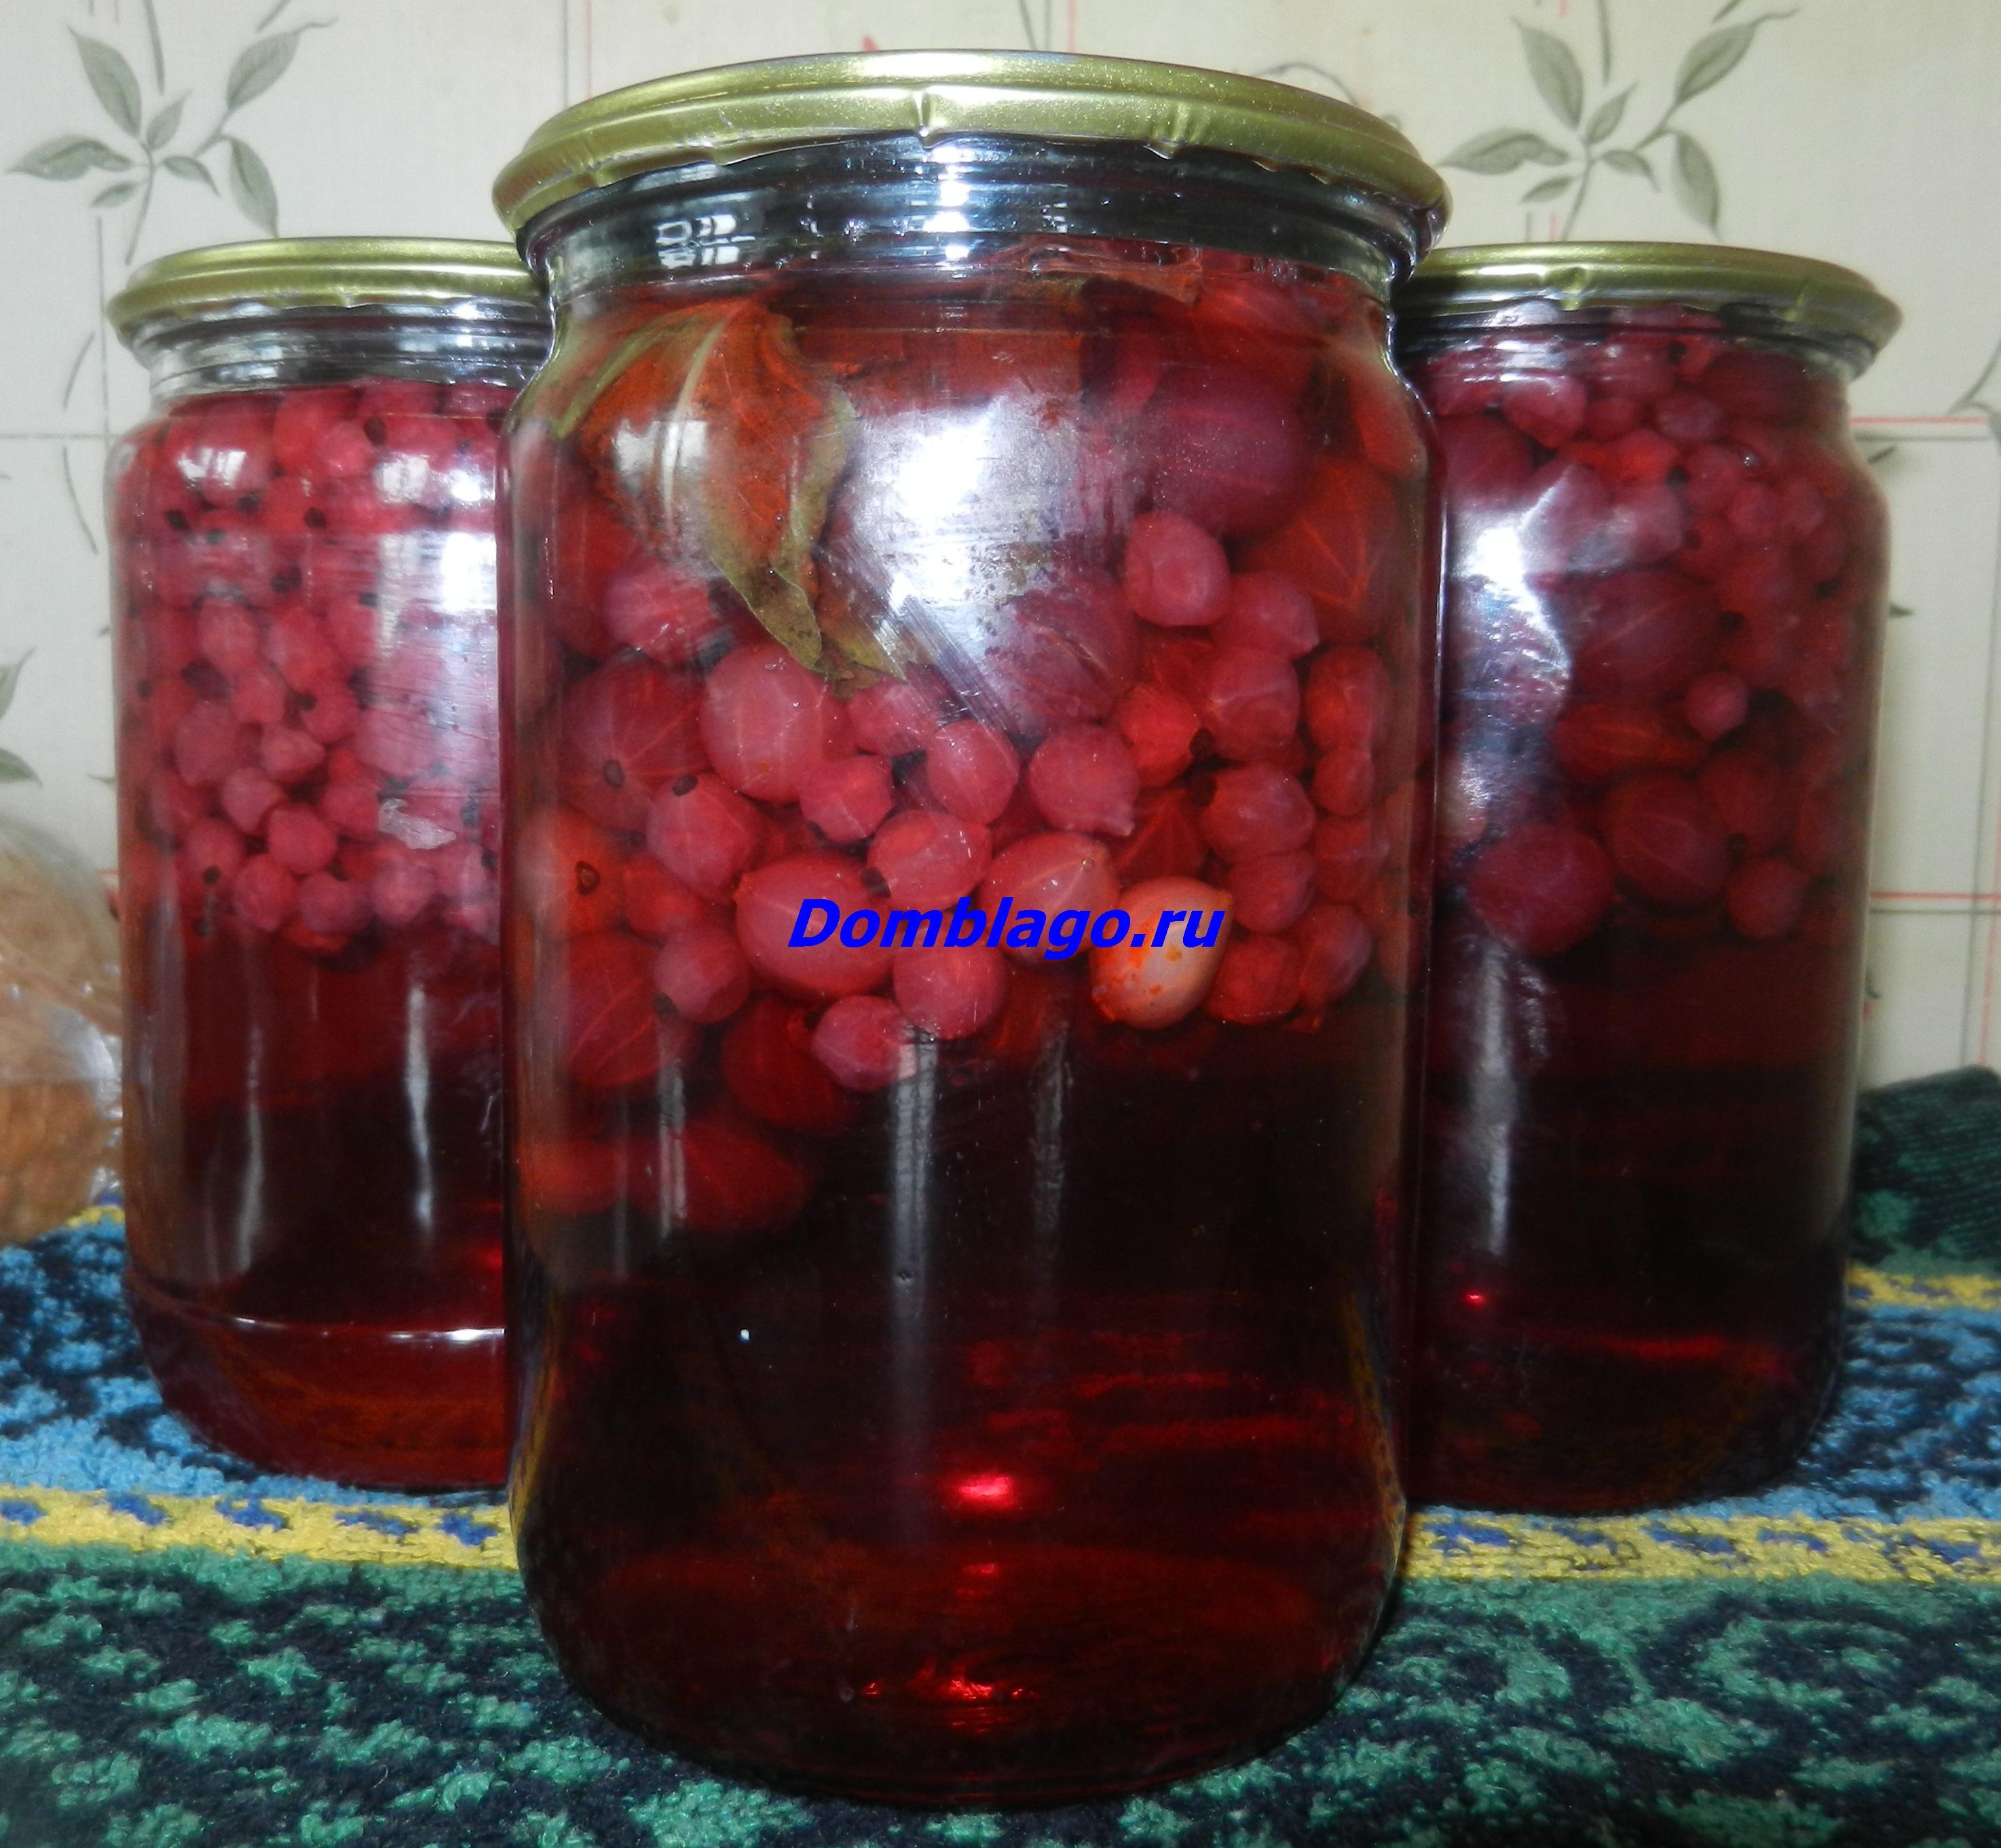 Концентрированный компот из красной смородины без стерилизации. Простые заготовки на зиму. Рецепт с фото.